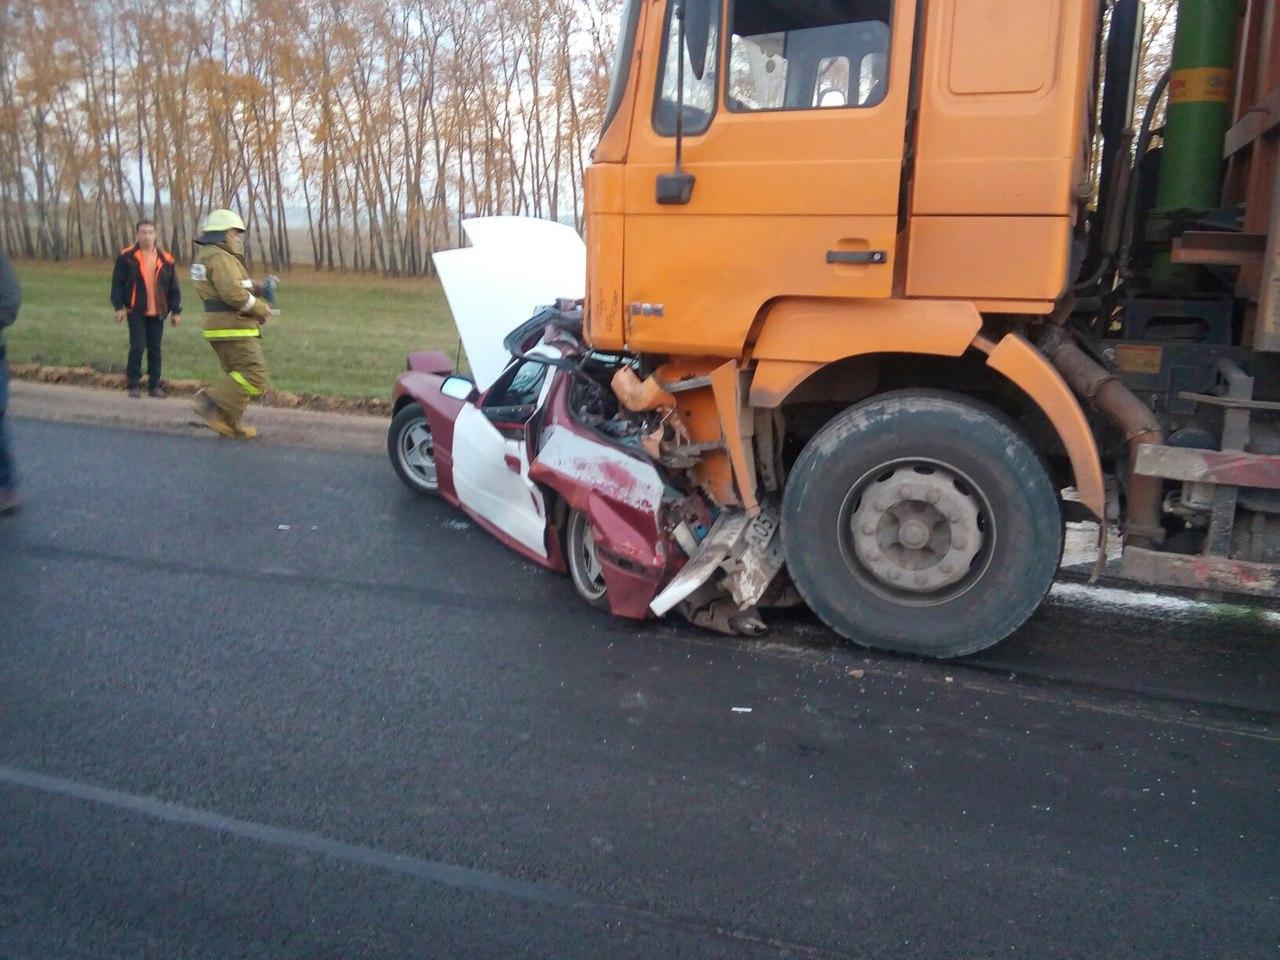 ВБашкирии тяжелый грузовой автомобиль наскорости смял «легковушку»: есть жертвы